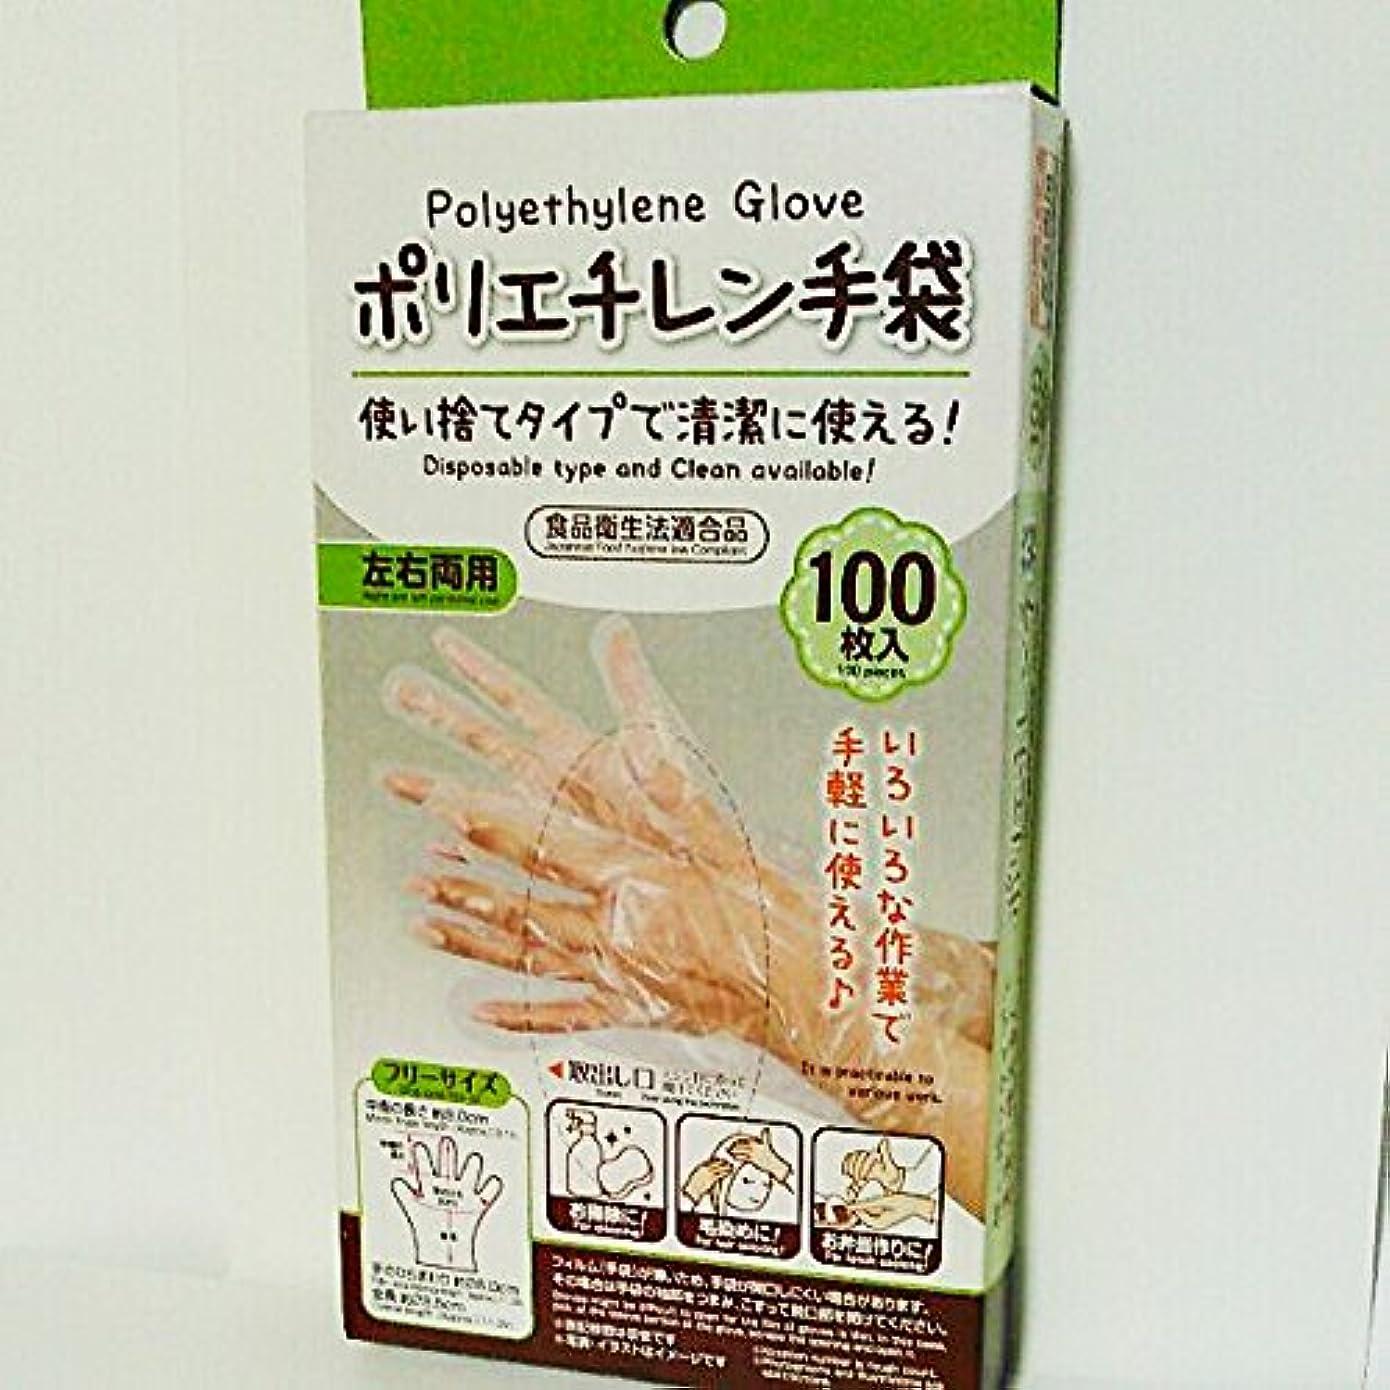 世紀世界の窓いうポリエチレン手袋 100枚入り